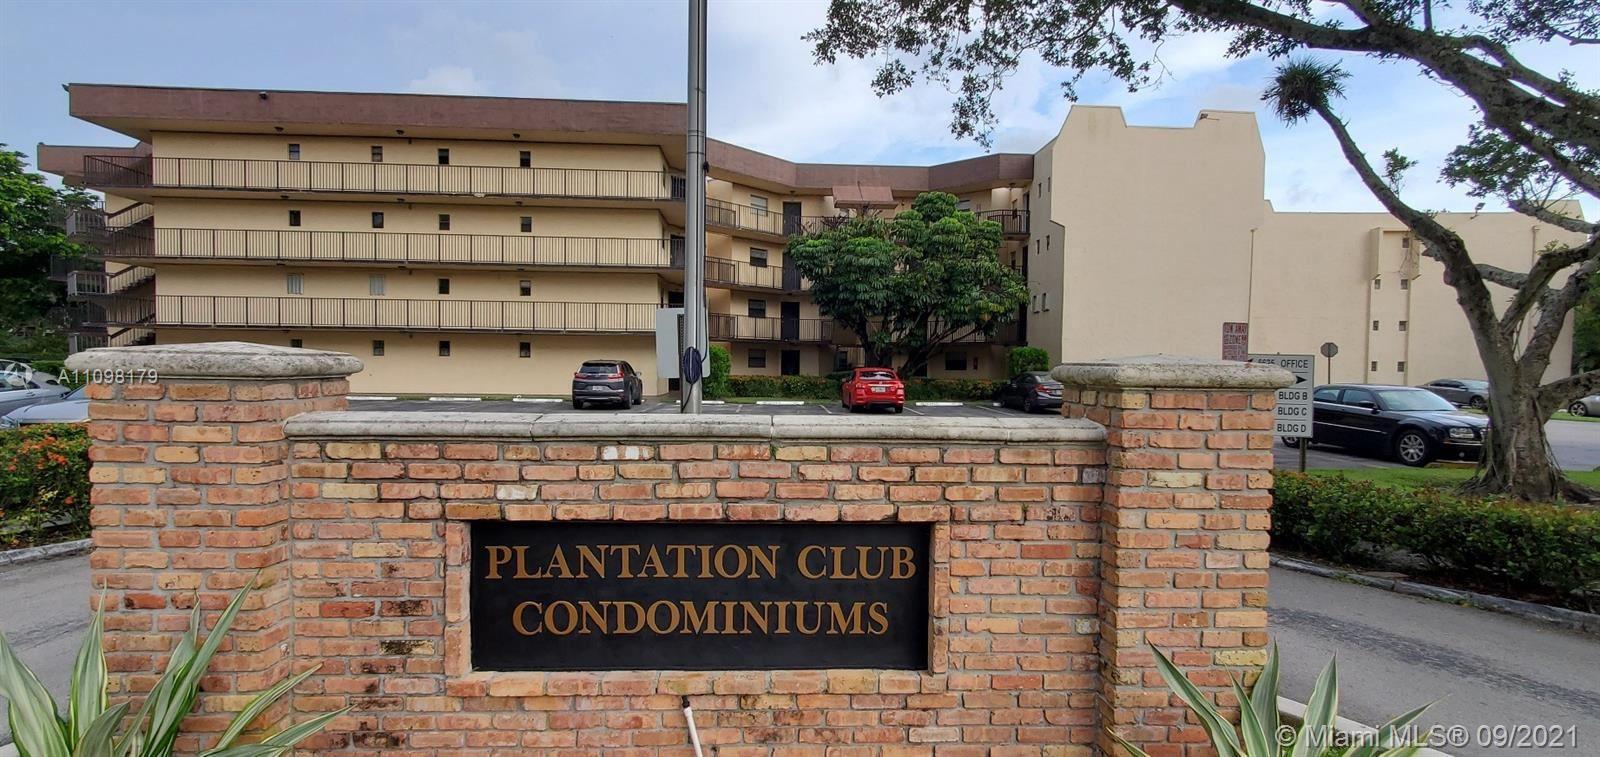 6555 W Broward Blvd #303, Plantation, FL 33317 - #: A11098179